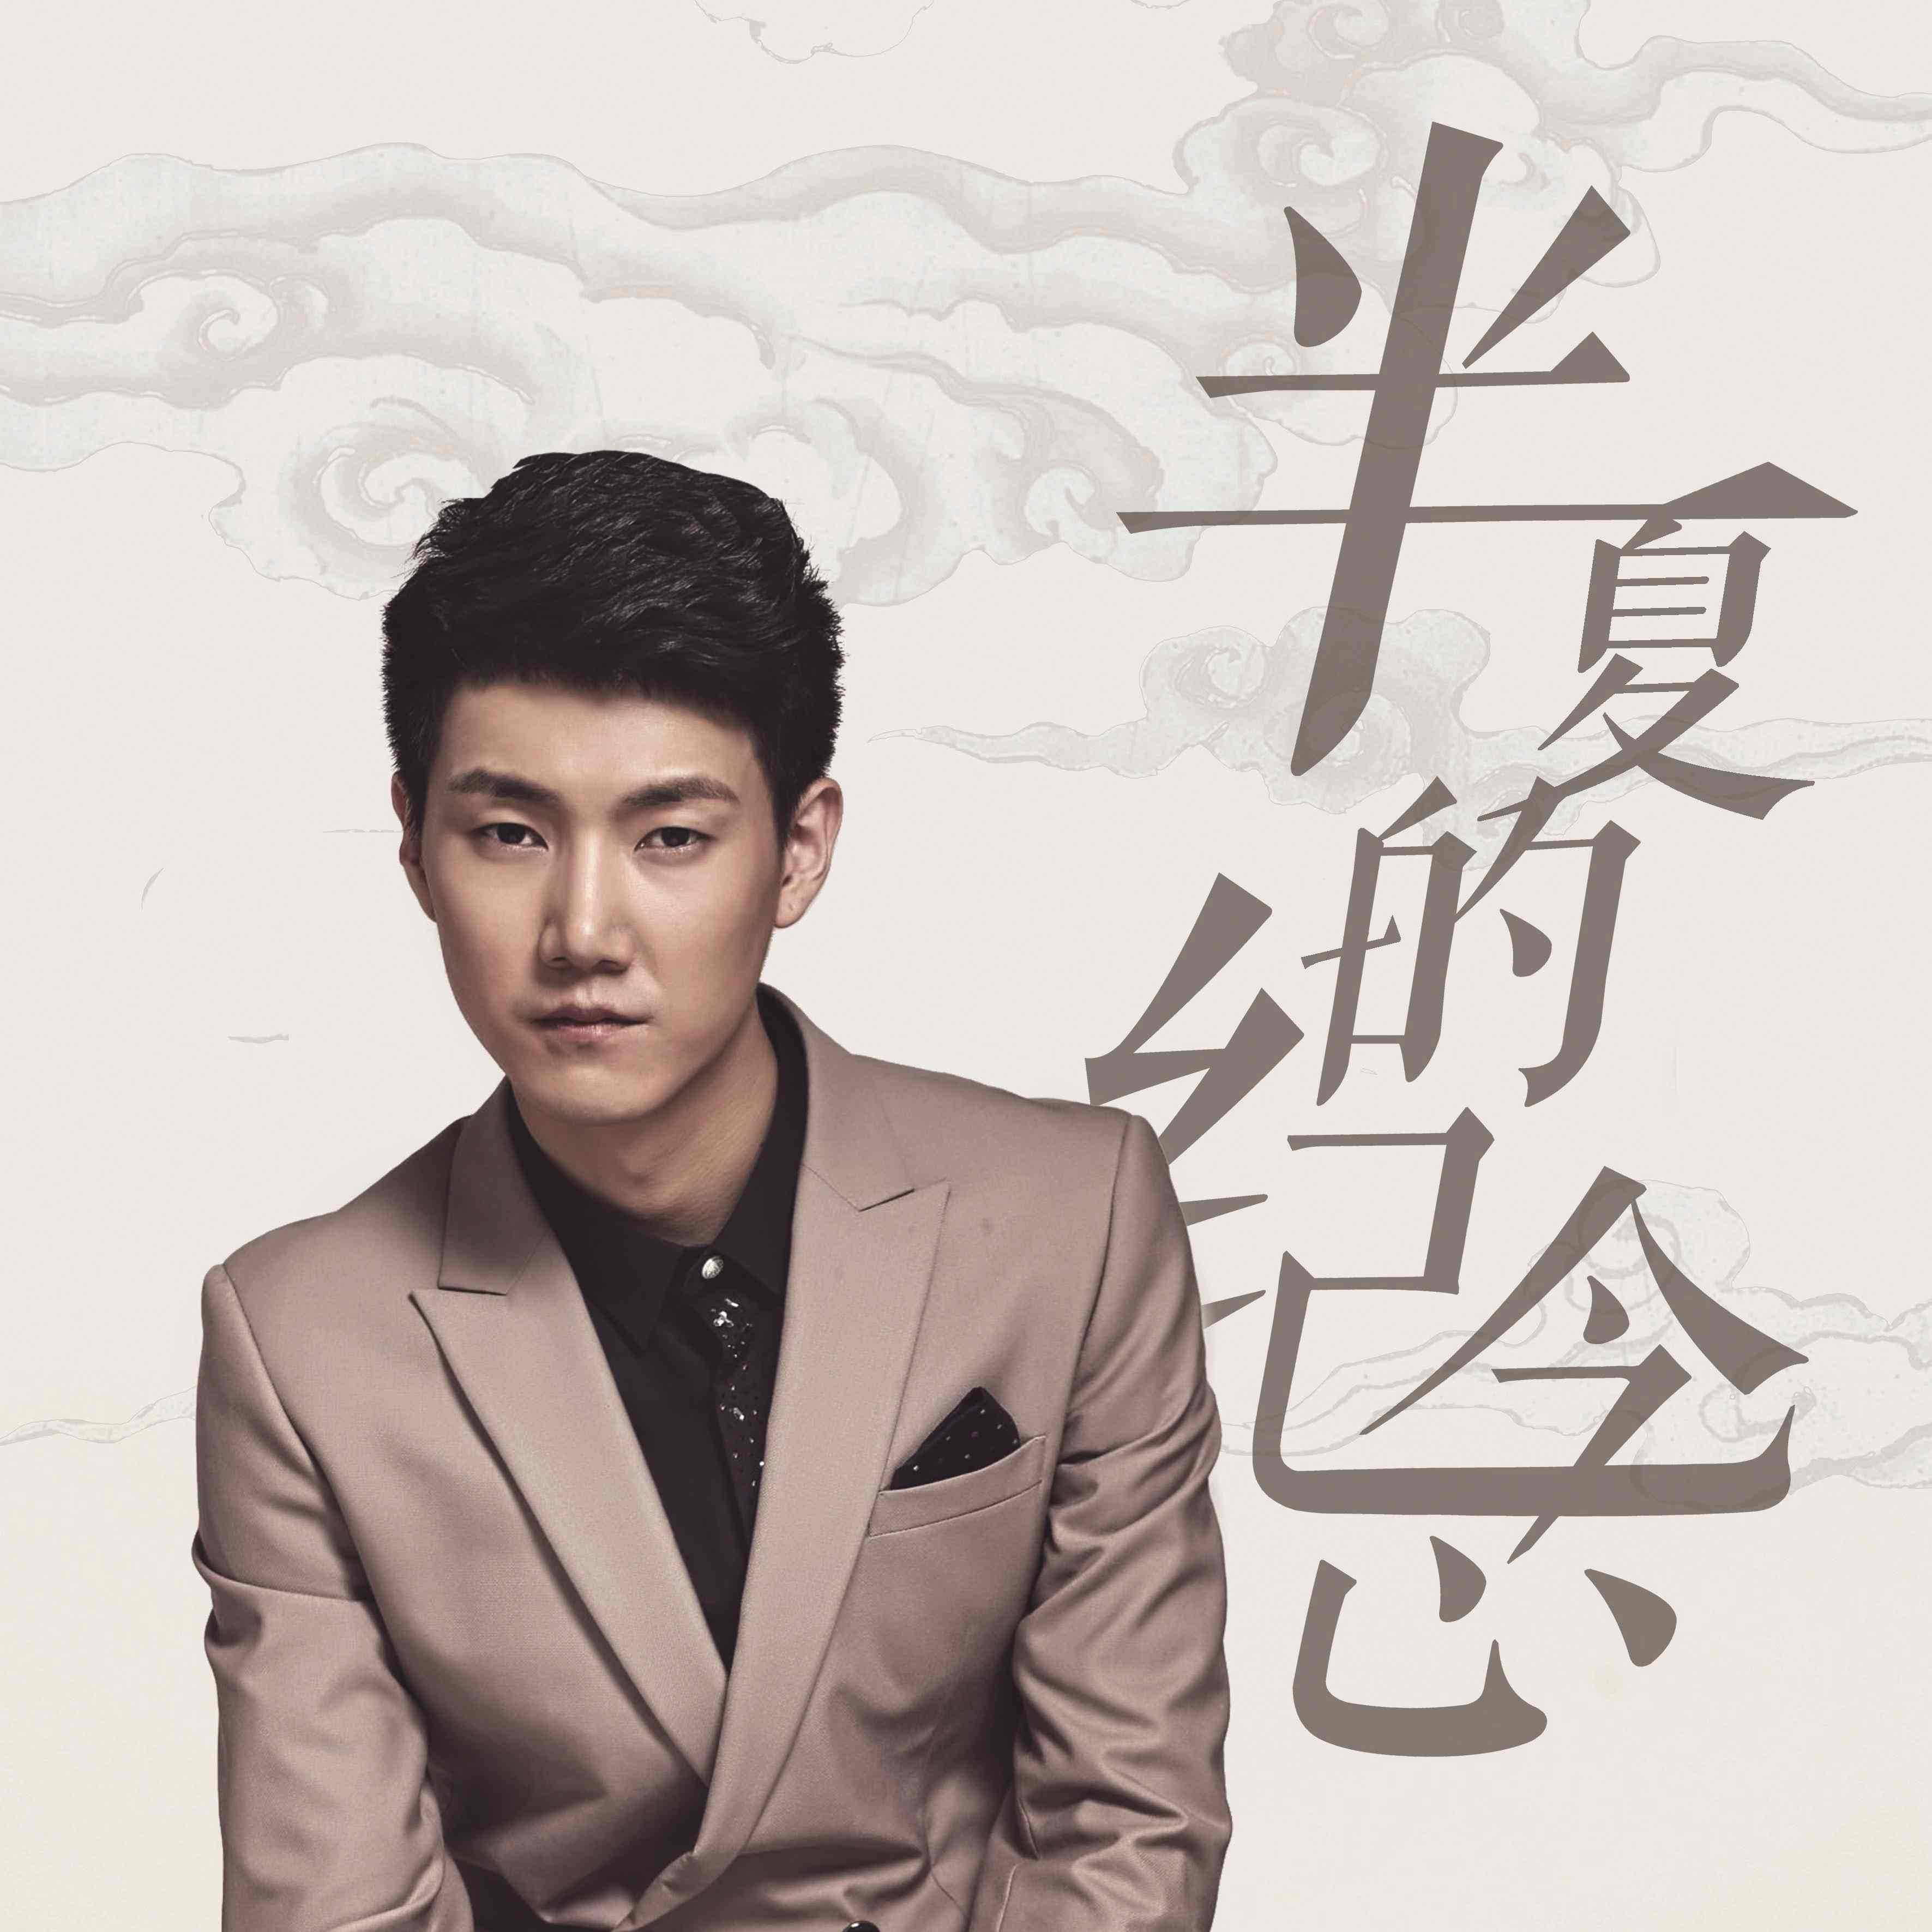 《楚乔传》里宇文玥,两个表情泄露了他最大的秘密_手机搜狐网